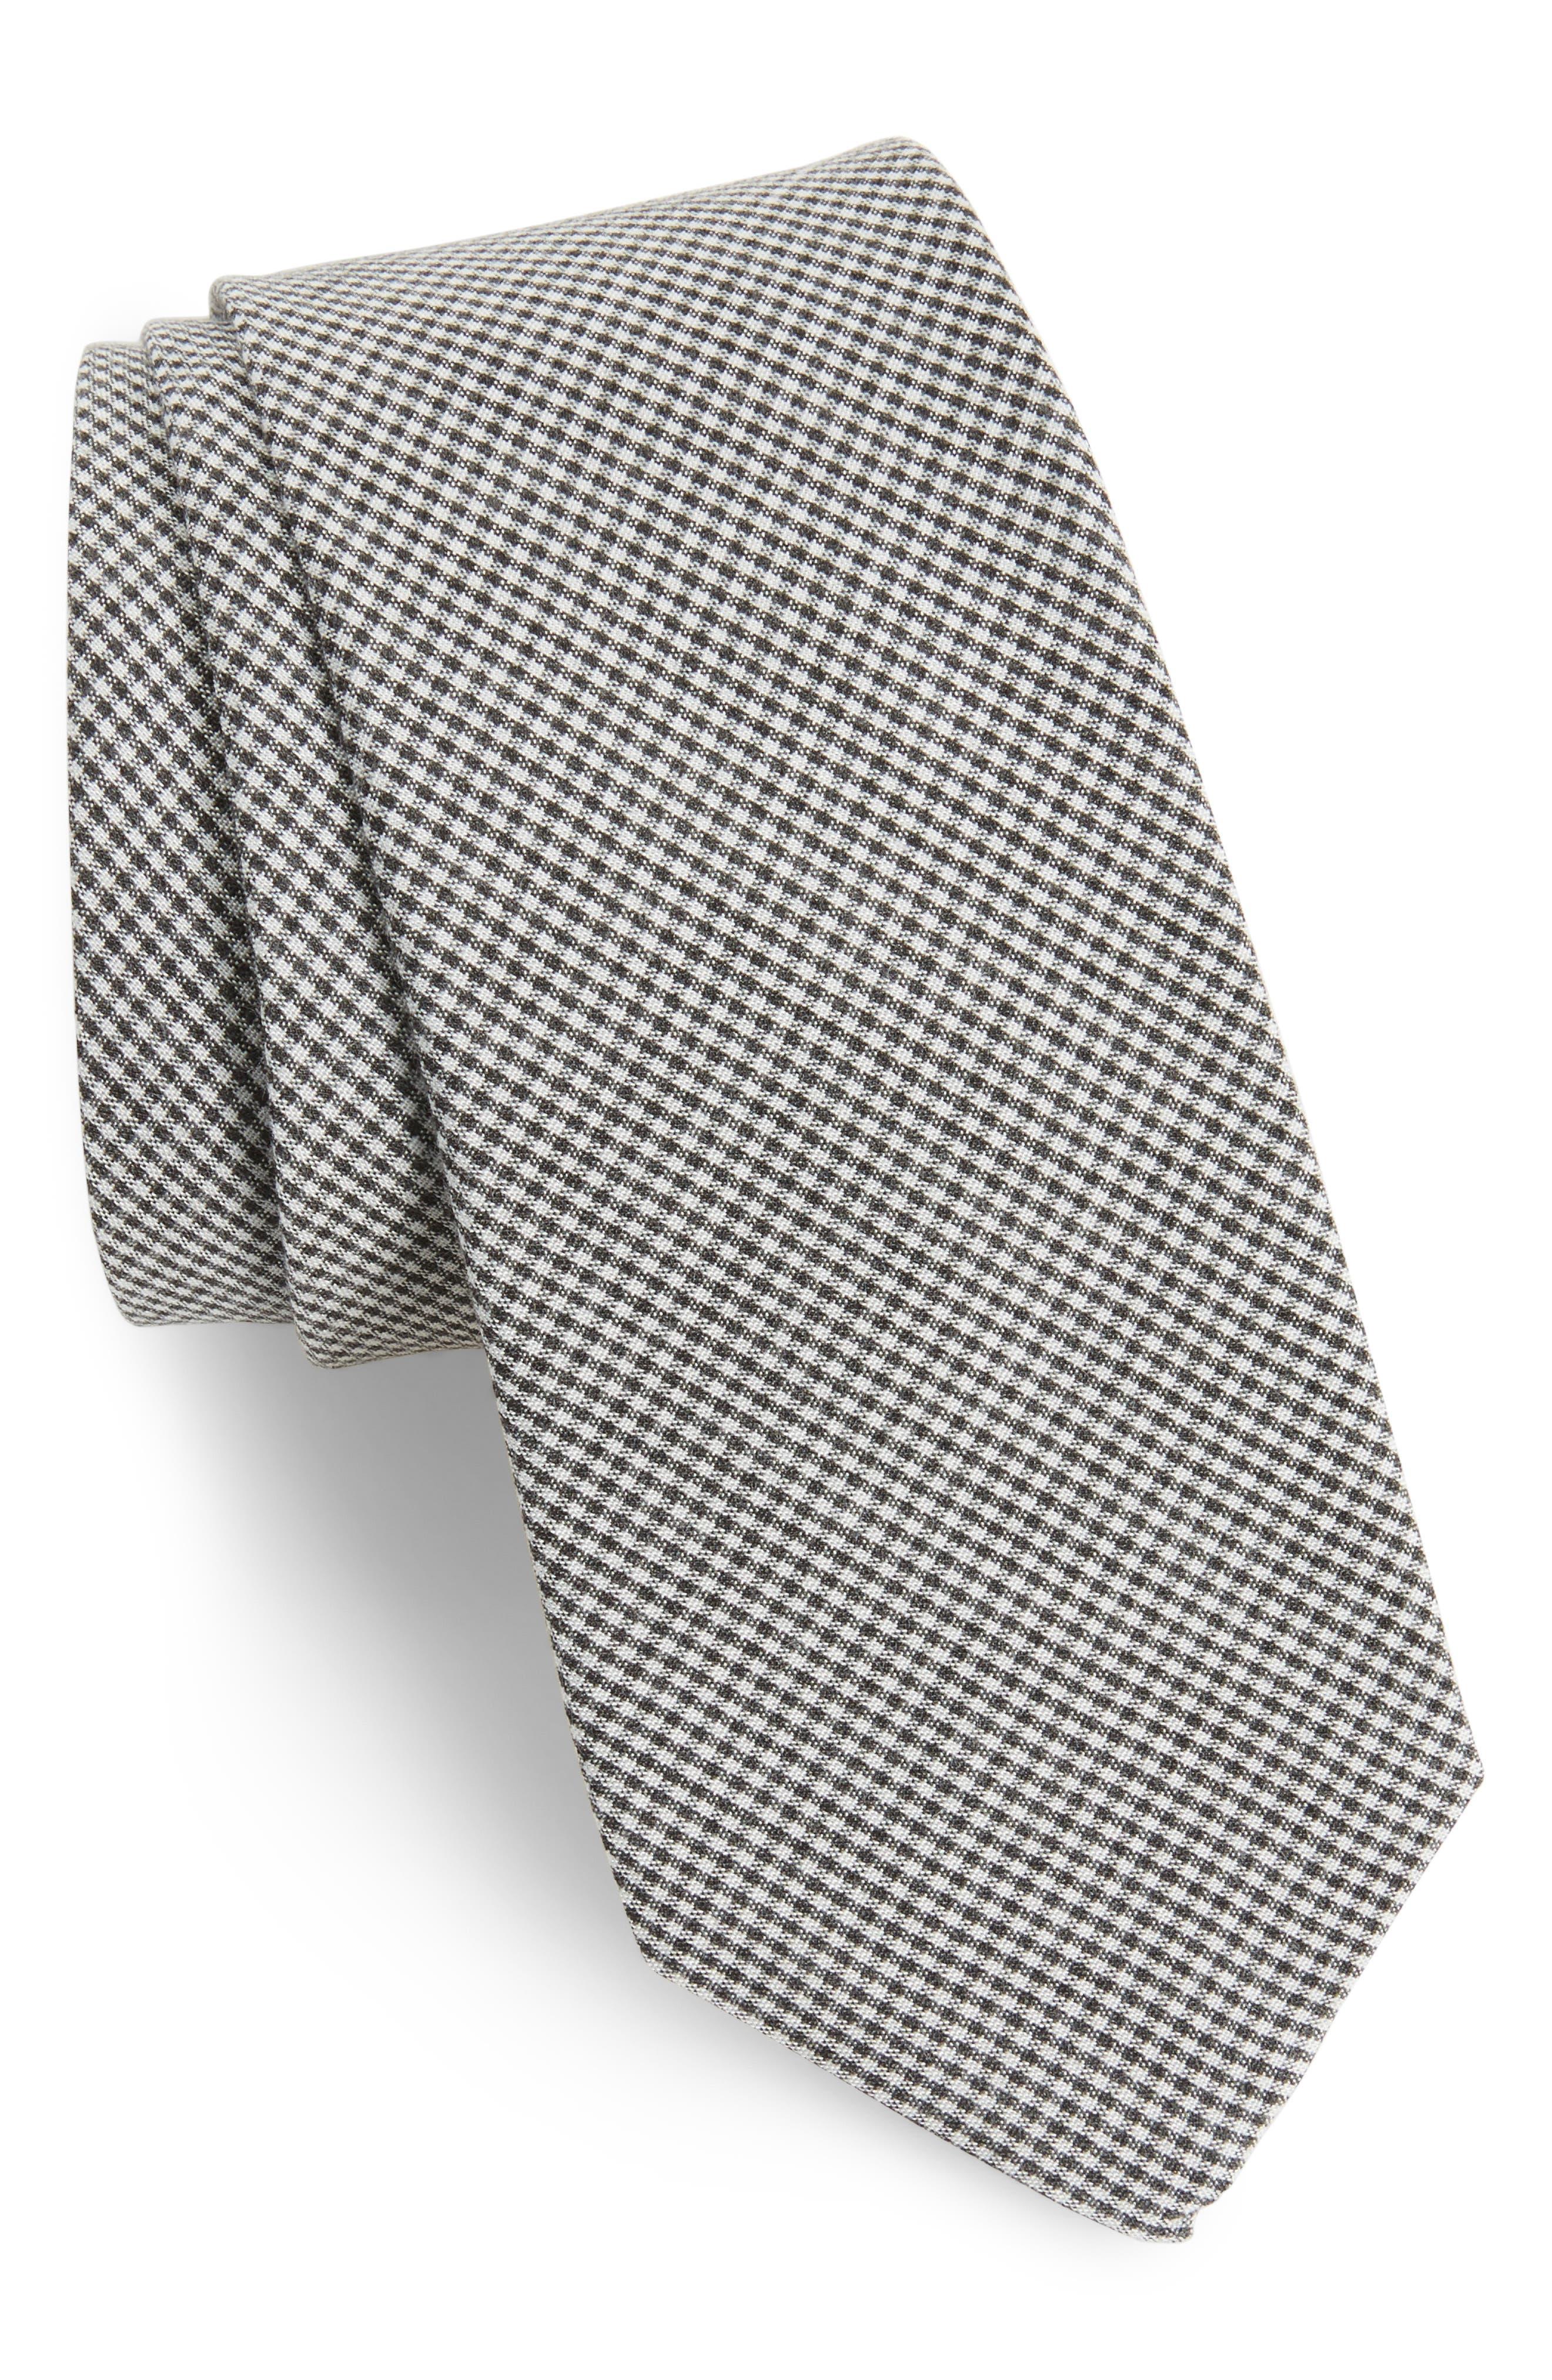 1901 Celera Gingham Skinny Tie